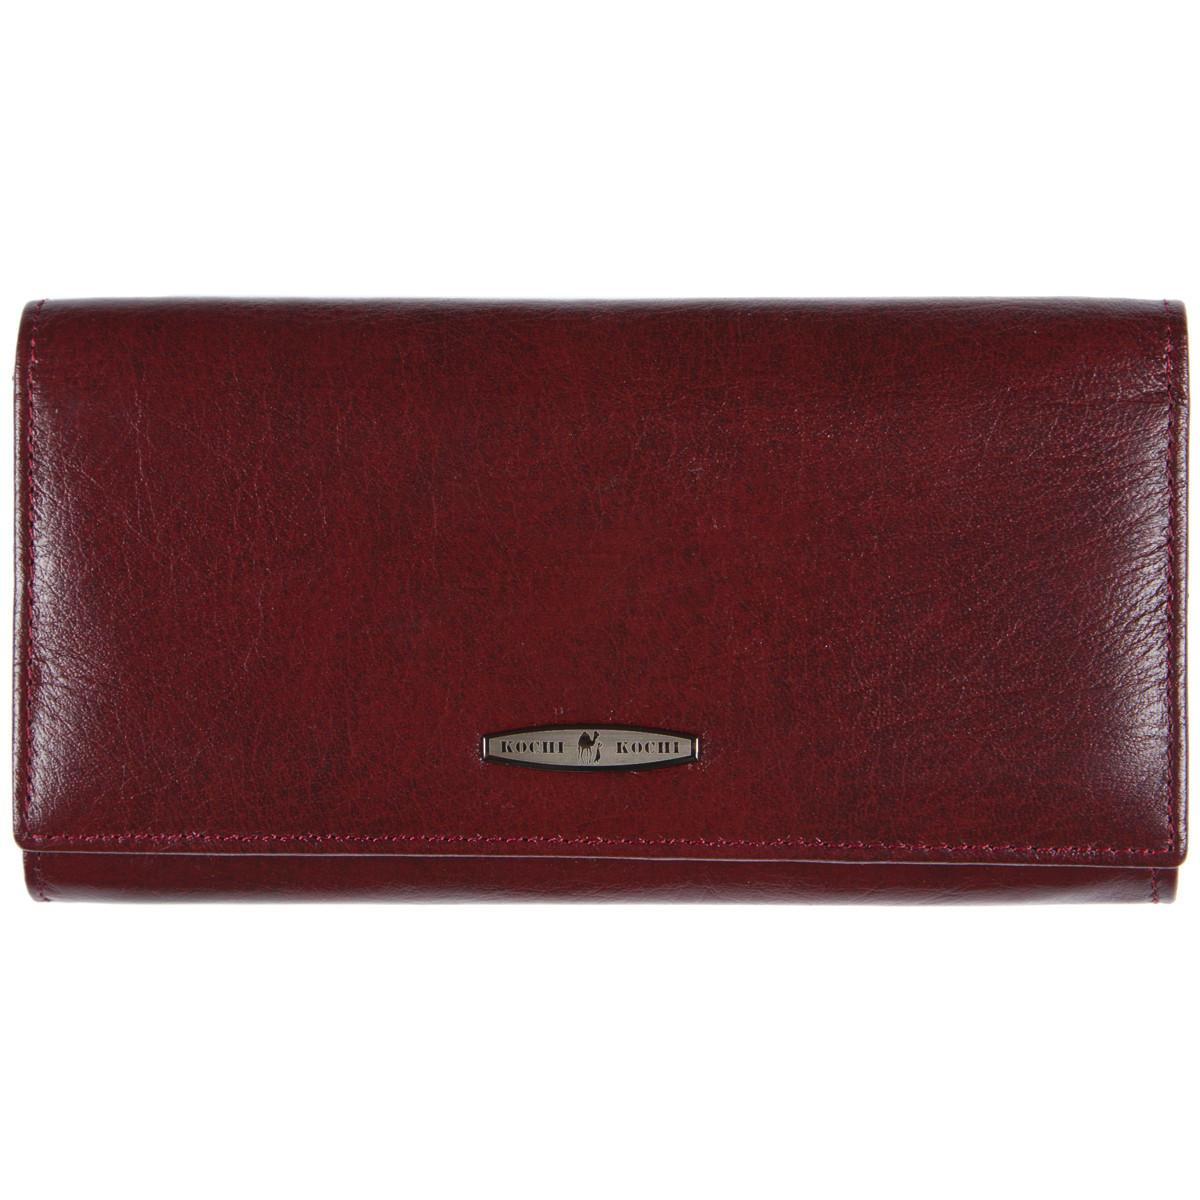 Кожаный женский кошелёк KOCHI с застёжкой кнопка 185х95х30 цвет темная вишня м К-306виш